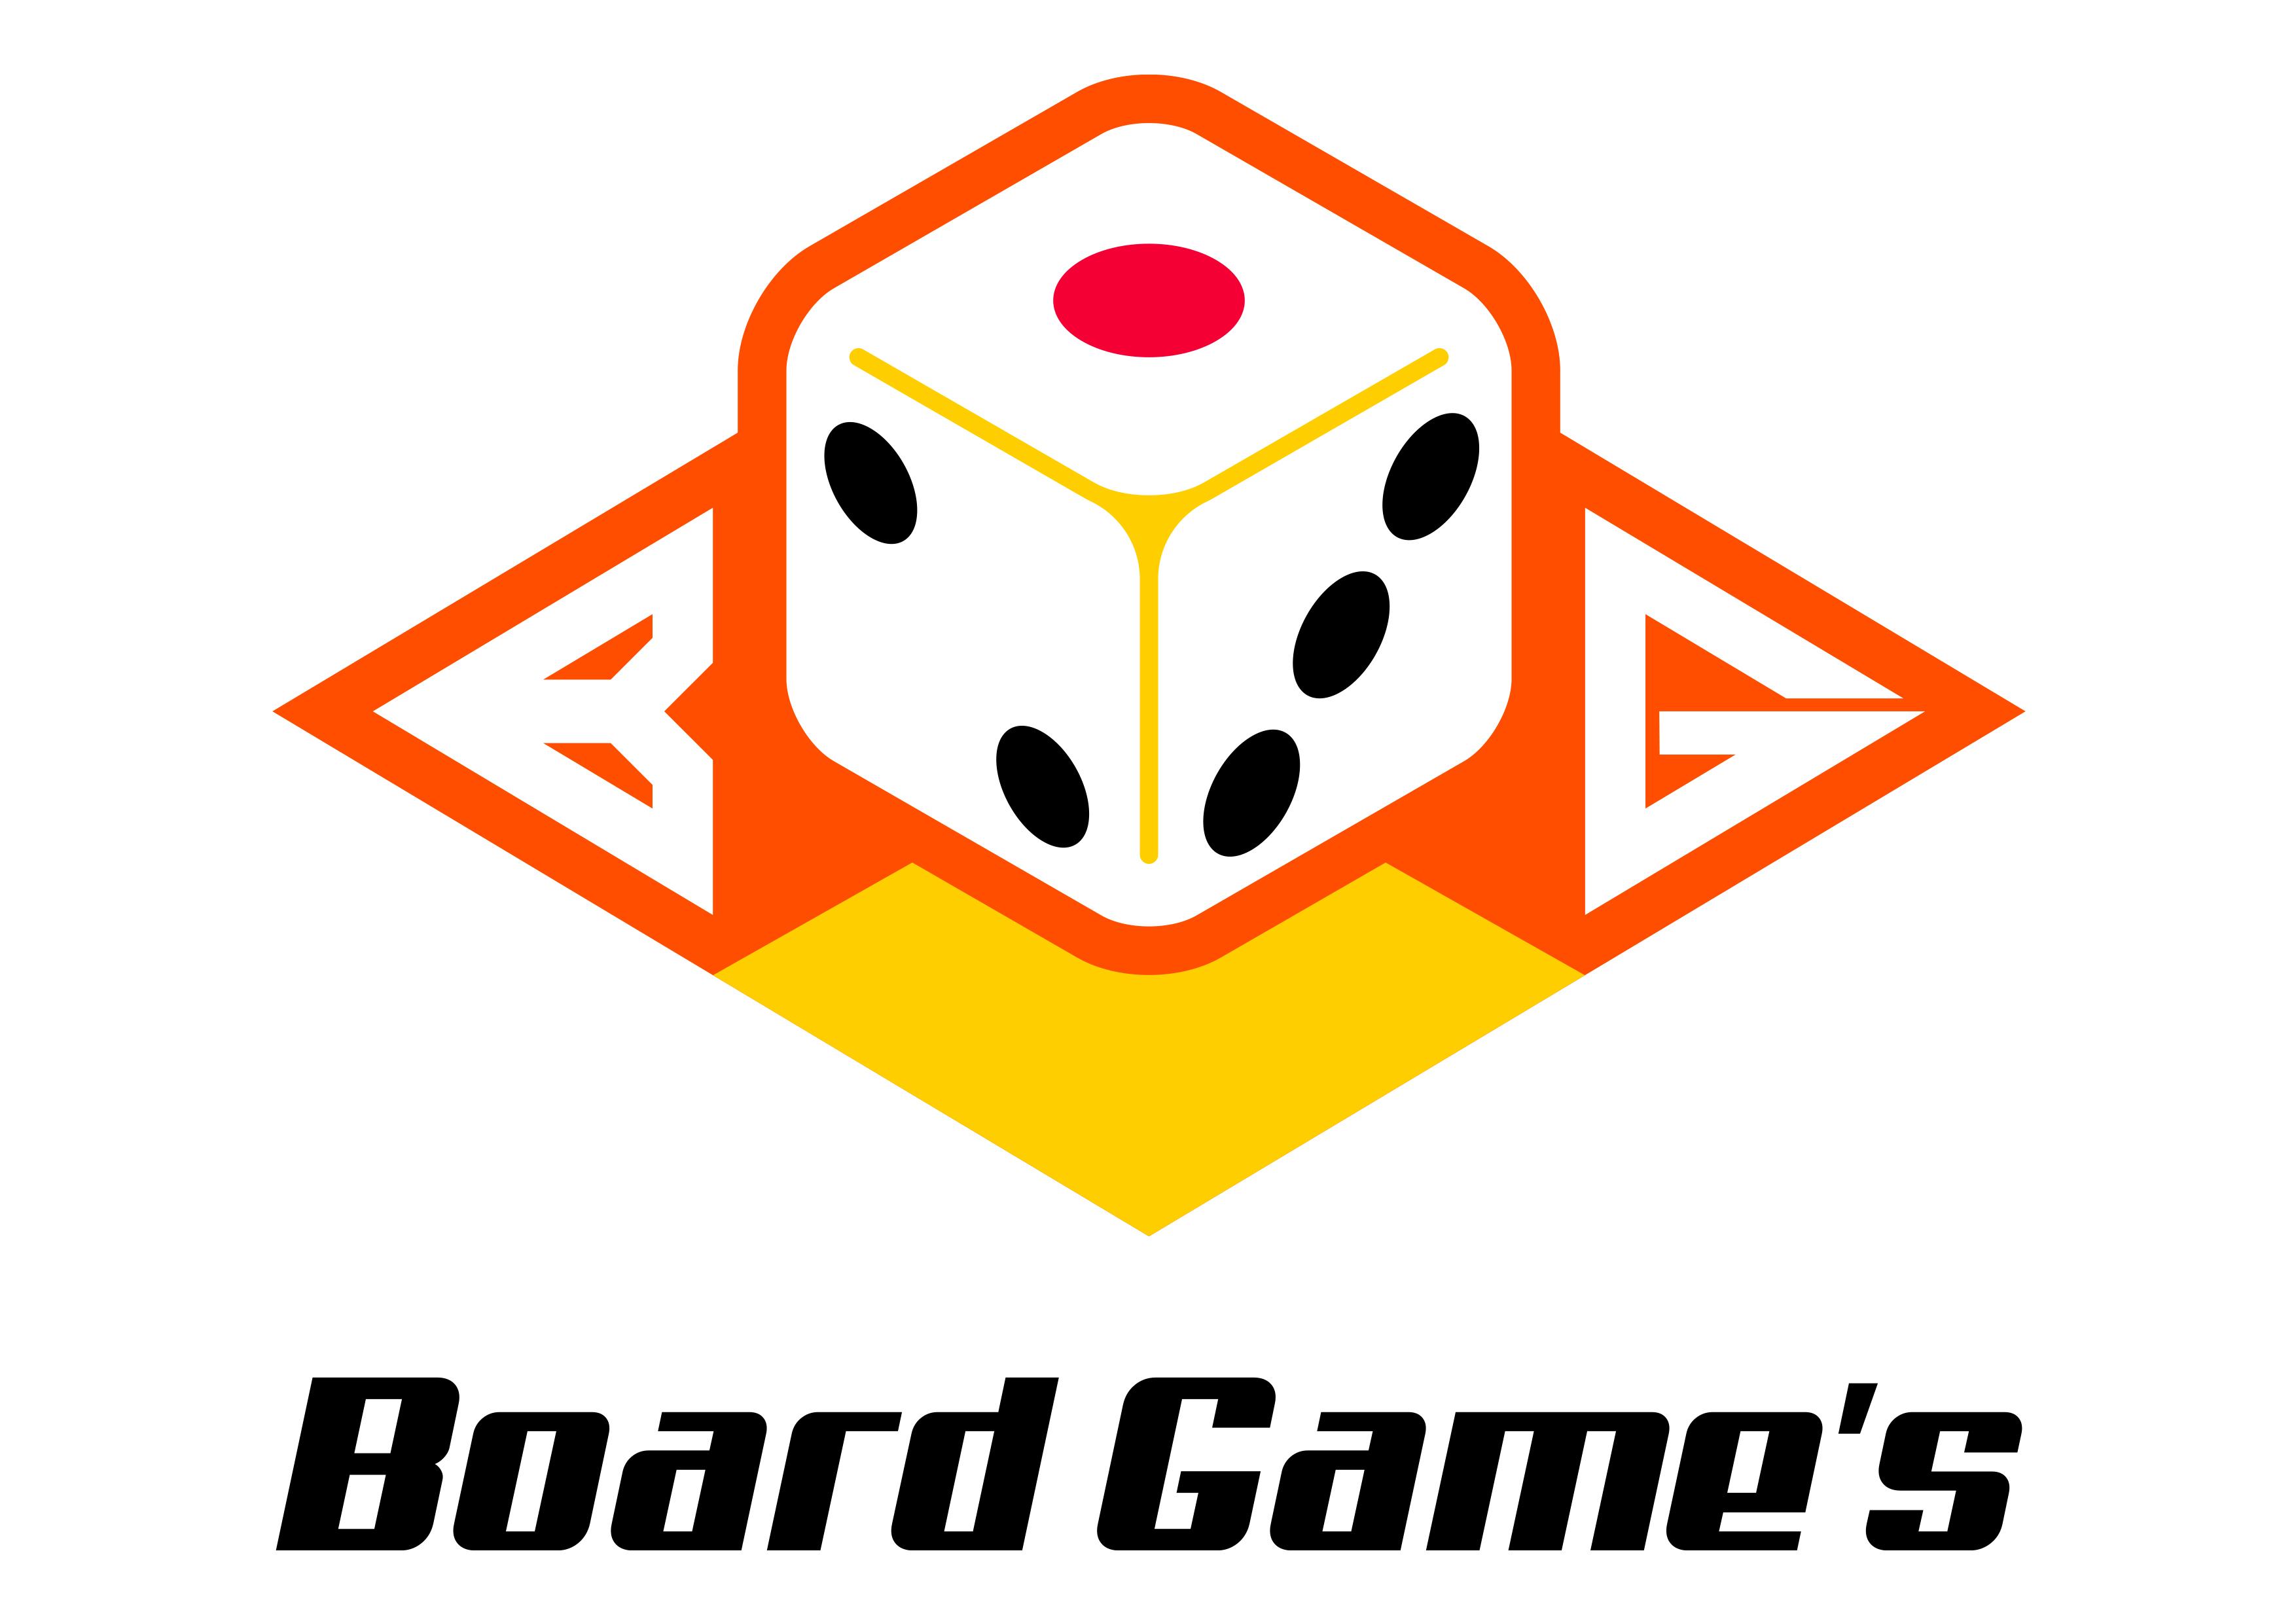 名古屋大須のボードゲームカフェ Board Game's(ナゴヤオオスノボードゲームカフェ ボードゲームス)